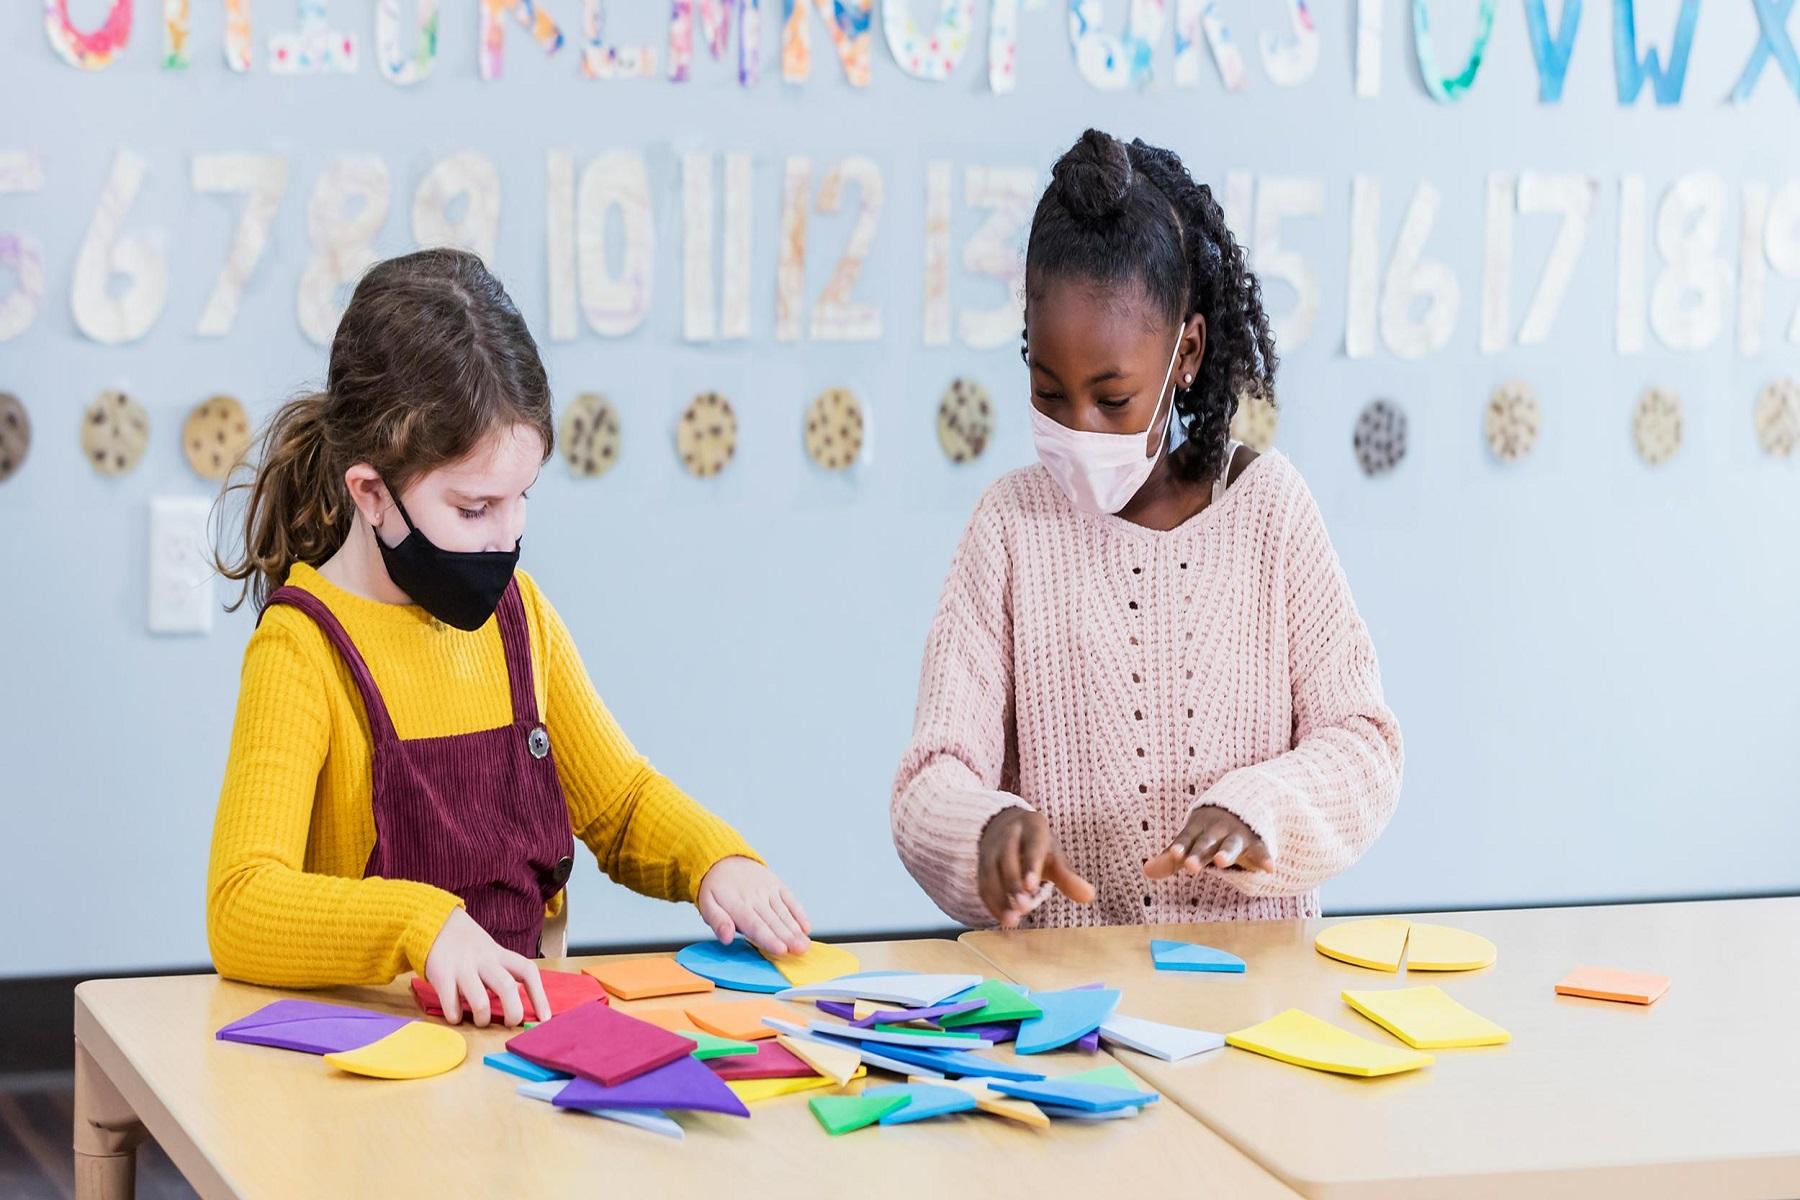 Αμερικανική Ακαδημία Παιδιατρικής: Προτεινόμενες μάσκες στα σχολεία για άτομα άνω των 2 ετών